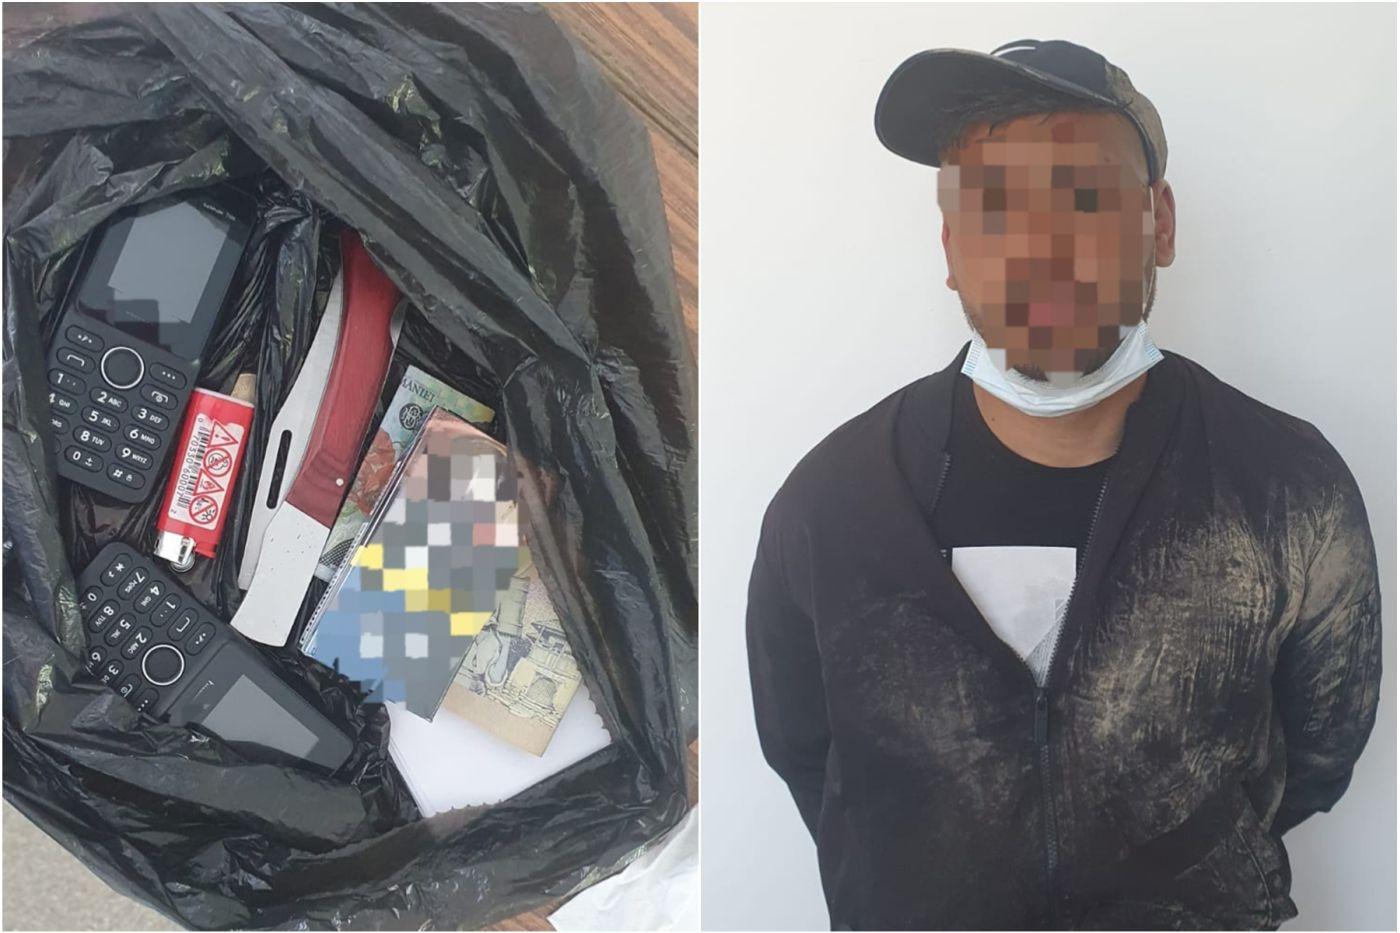 Bărbatul prins în flagrant și bunurile găsite de polițiști asupra sa. Foto: IPJ Constanța